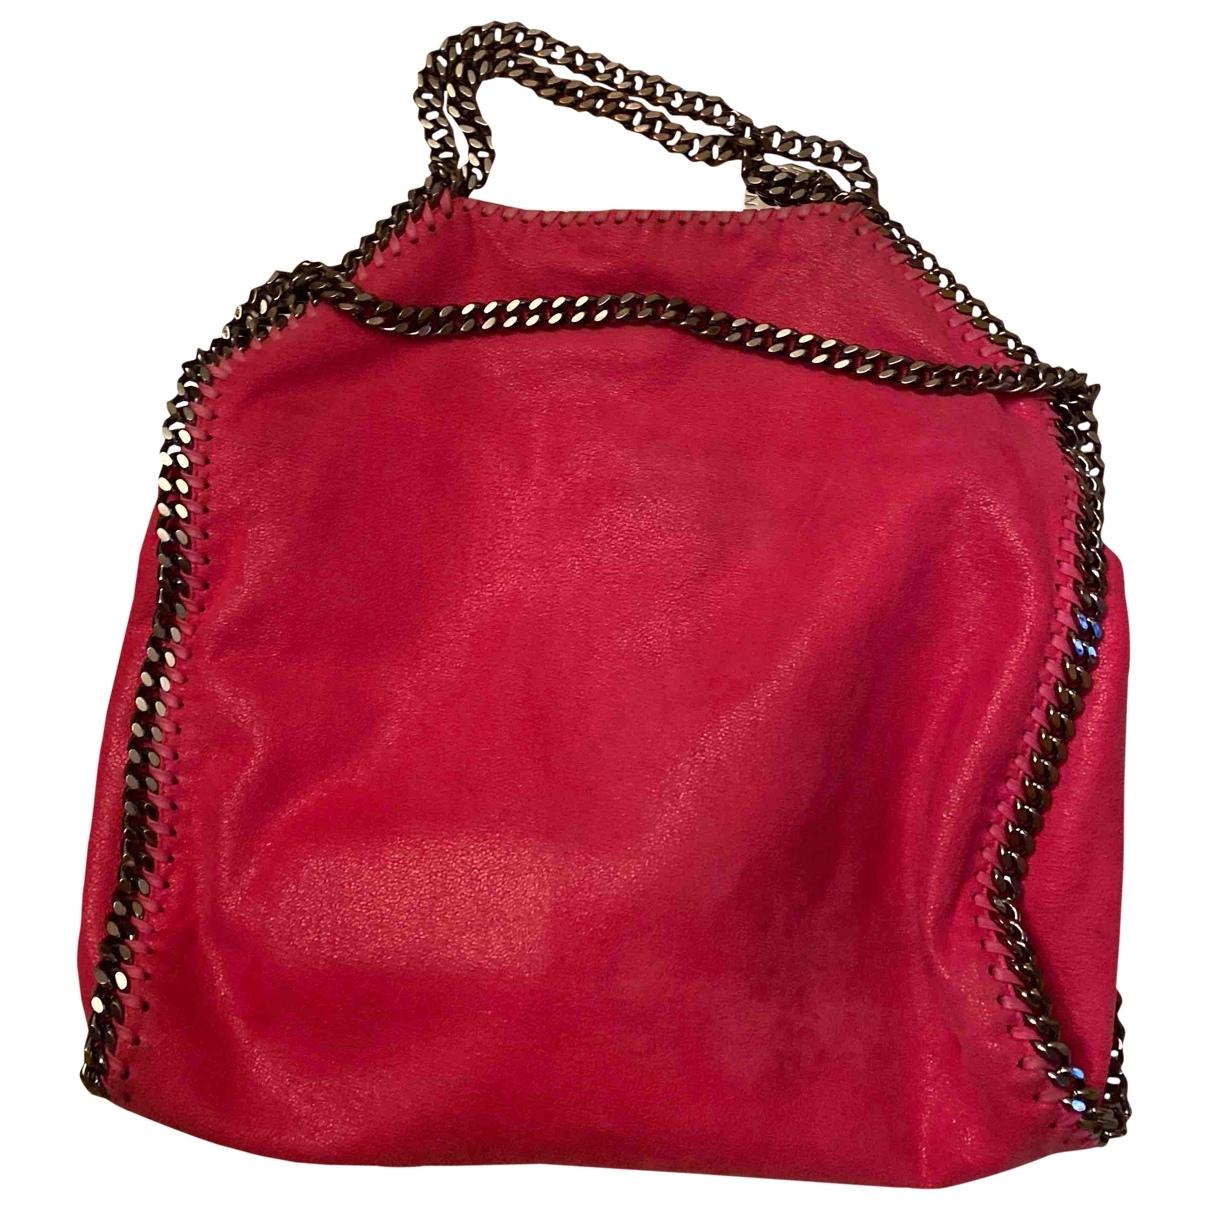 Stella Mccartney Falabella Red Cloth handbag for Women \N